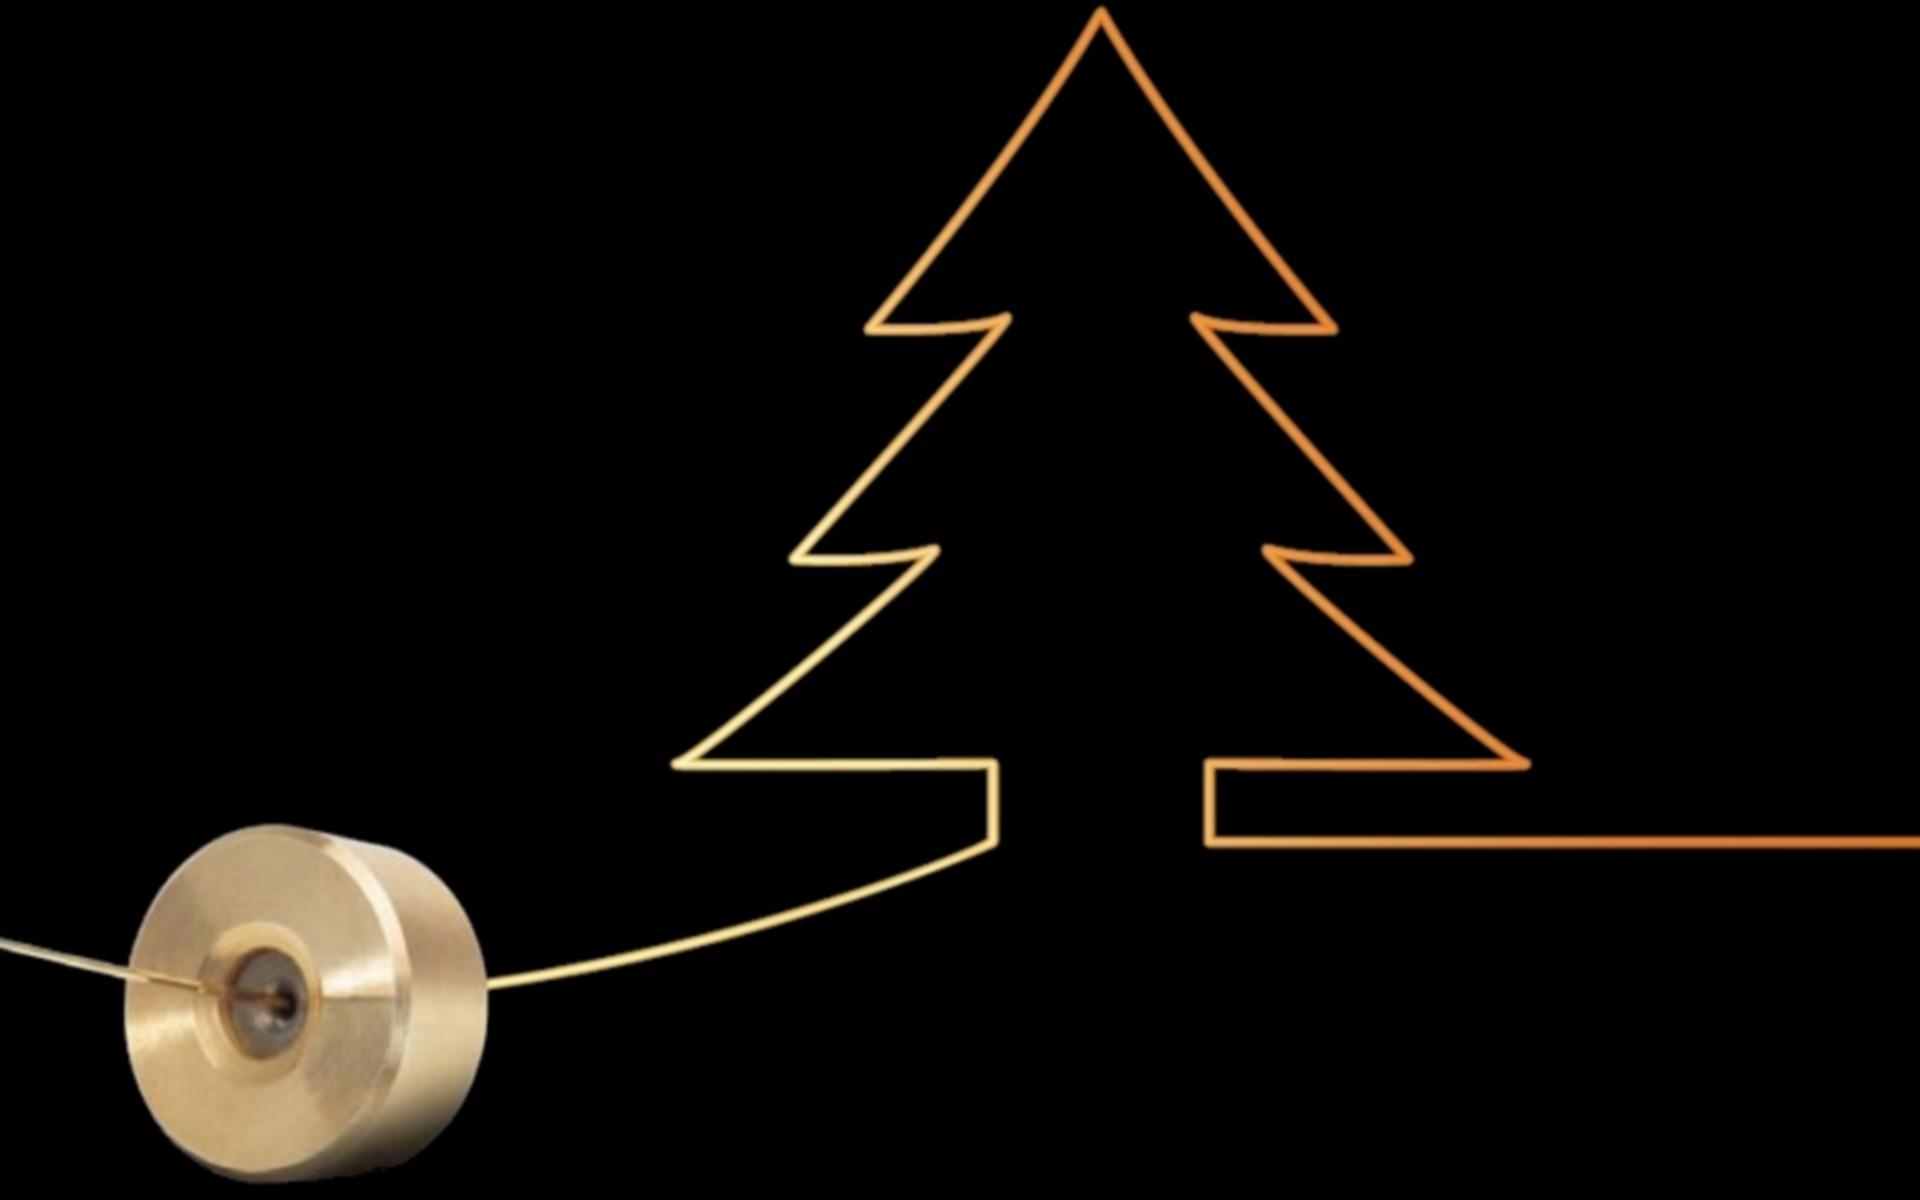 Bender Werkzeugbau wünschte Frohe Weihnachten › Bender Werkzeugbau